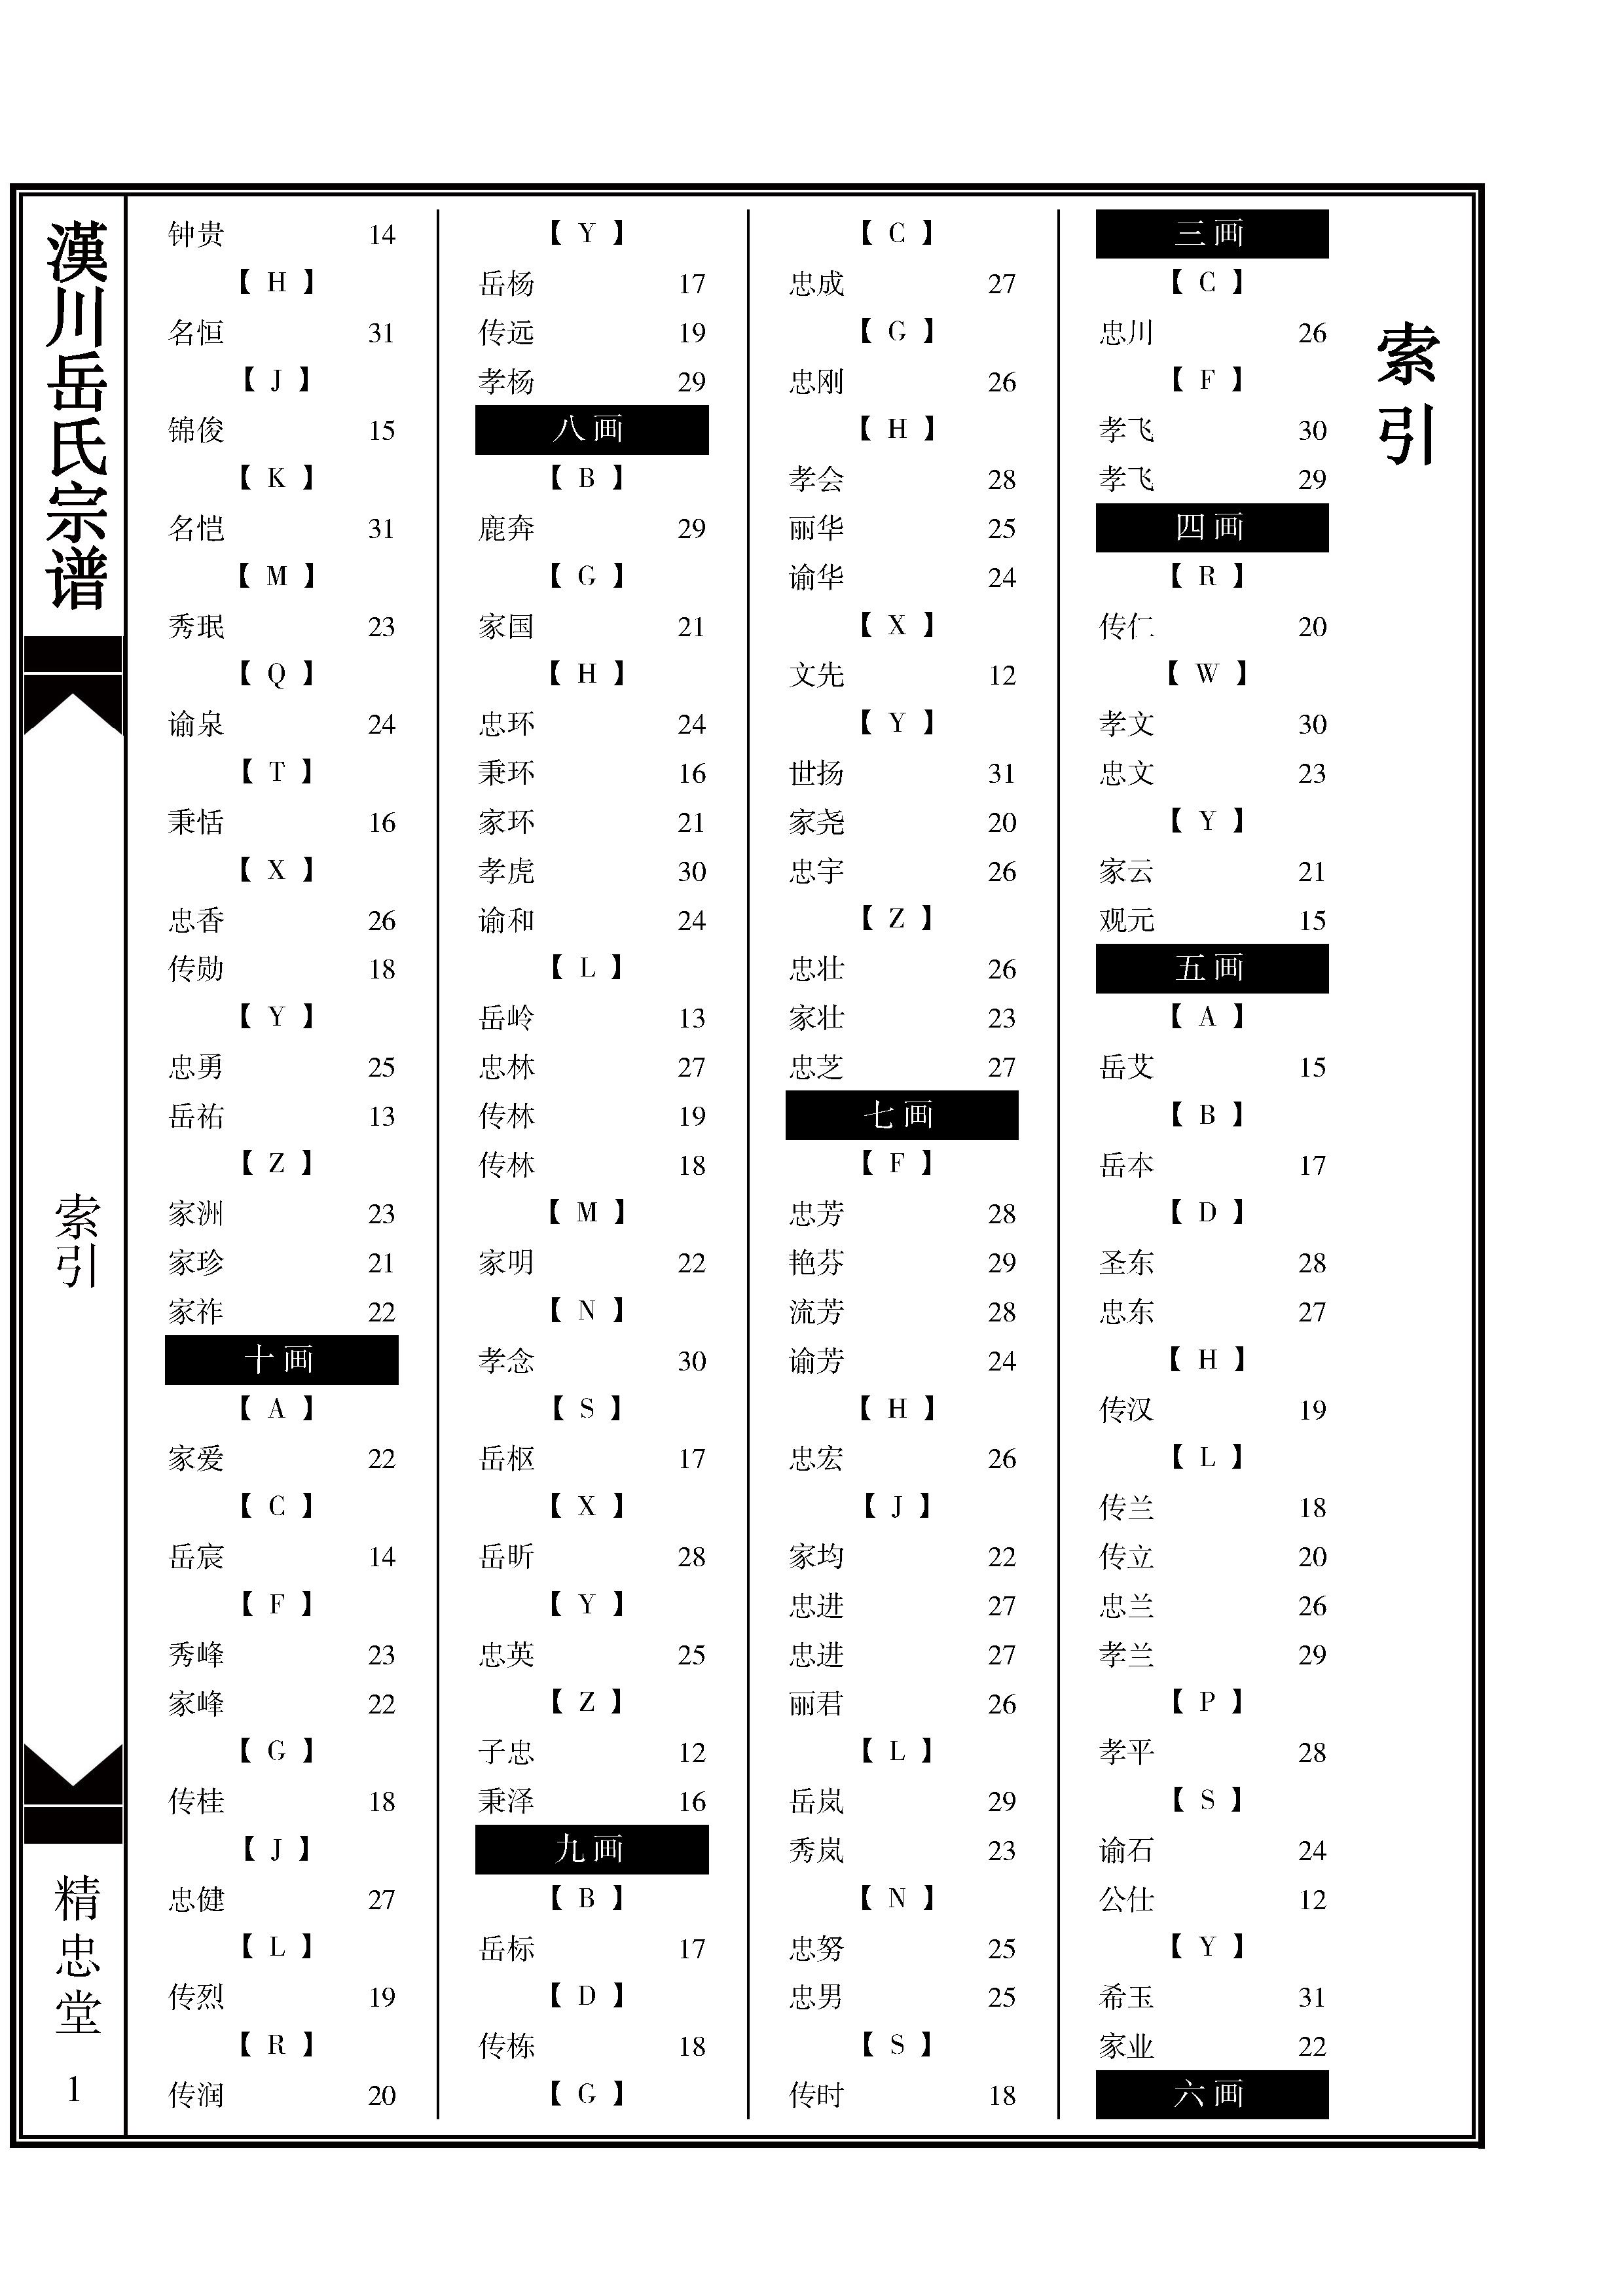 页面提取自-12古典合传苏式_页面_2